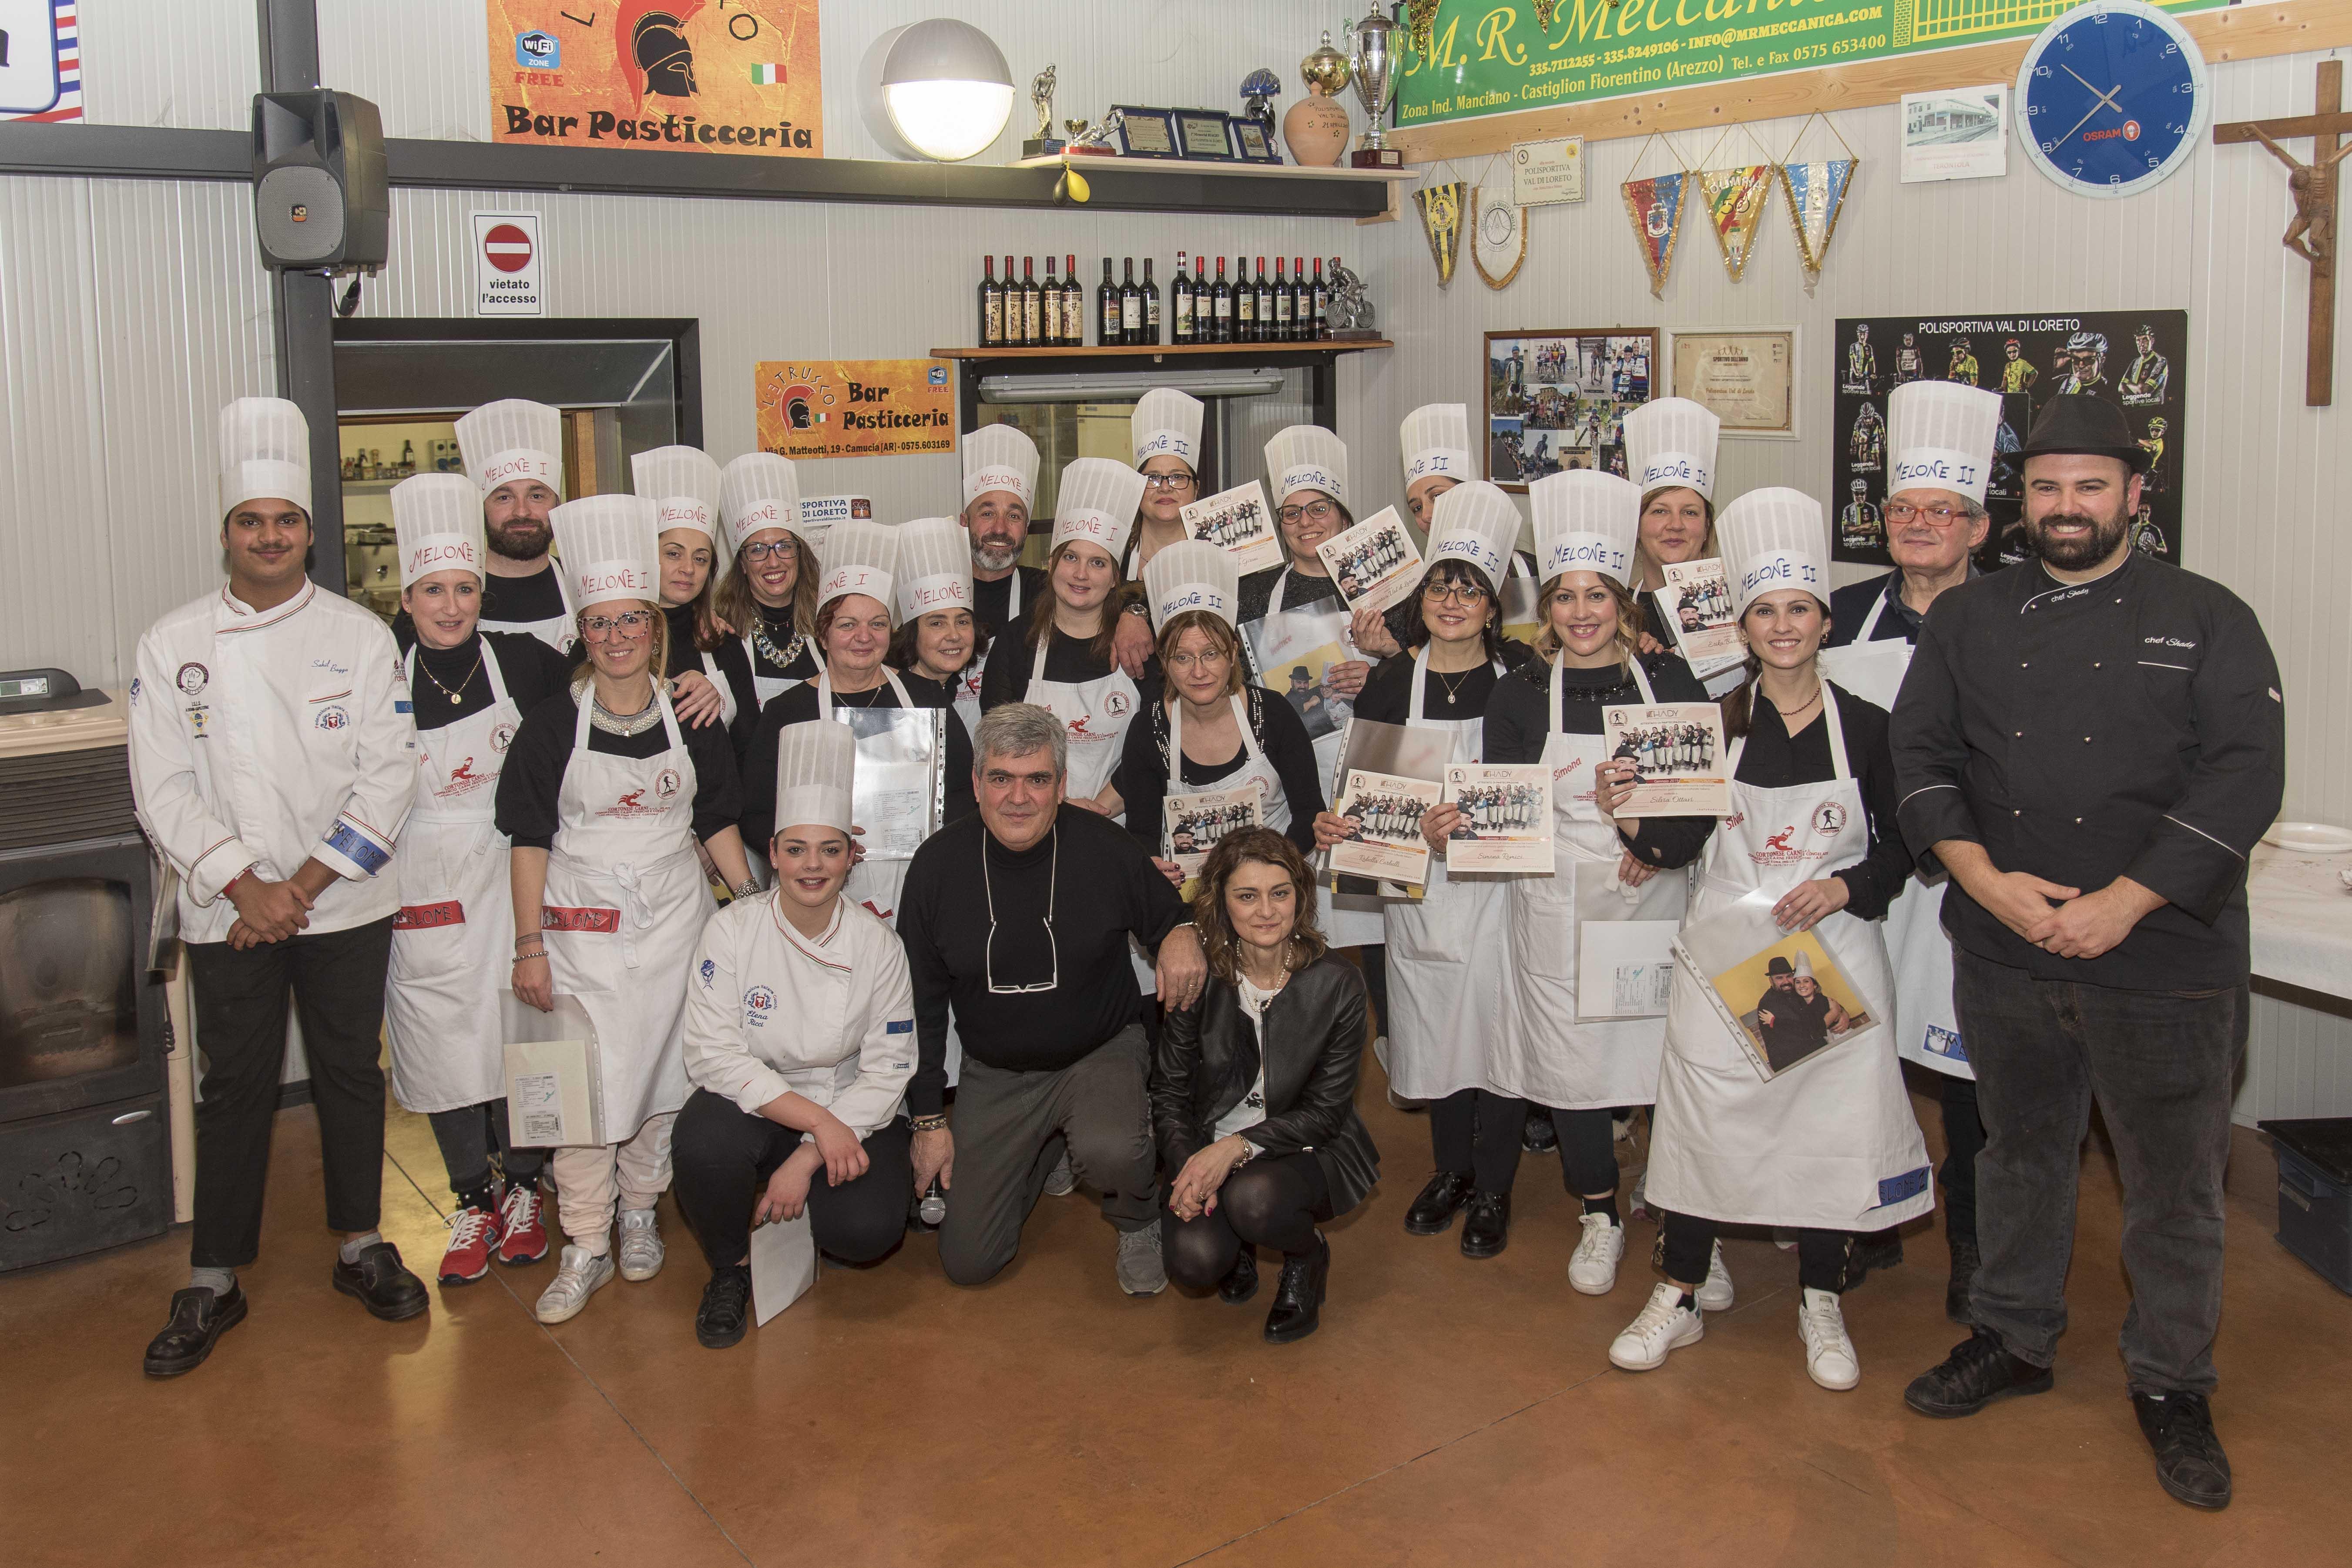 Gran finale del Corso di Cucina a Tavarnelle: una splendida serata